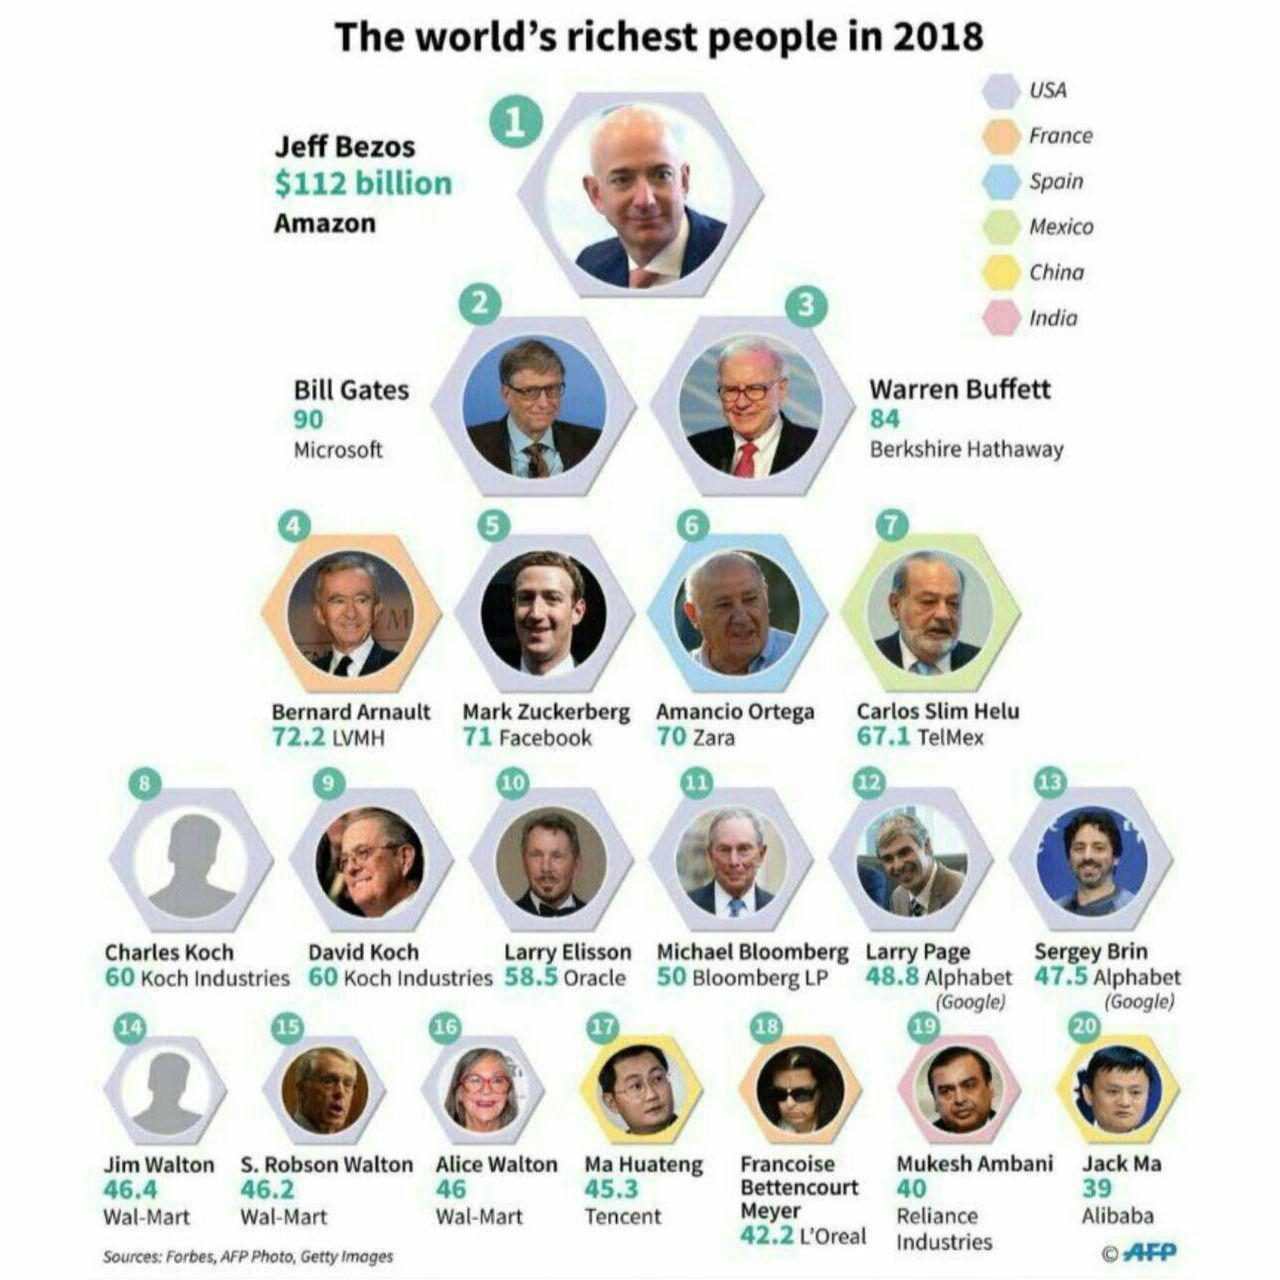 ثروتمندترین افراد جهان در سال ۲۰۱۸ معرفی شدند